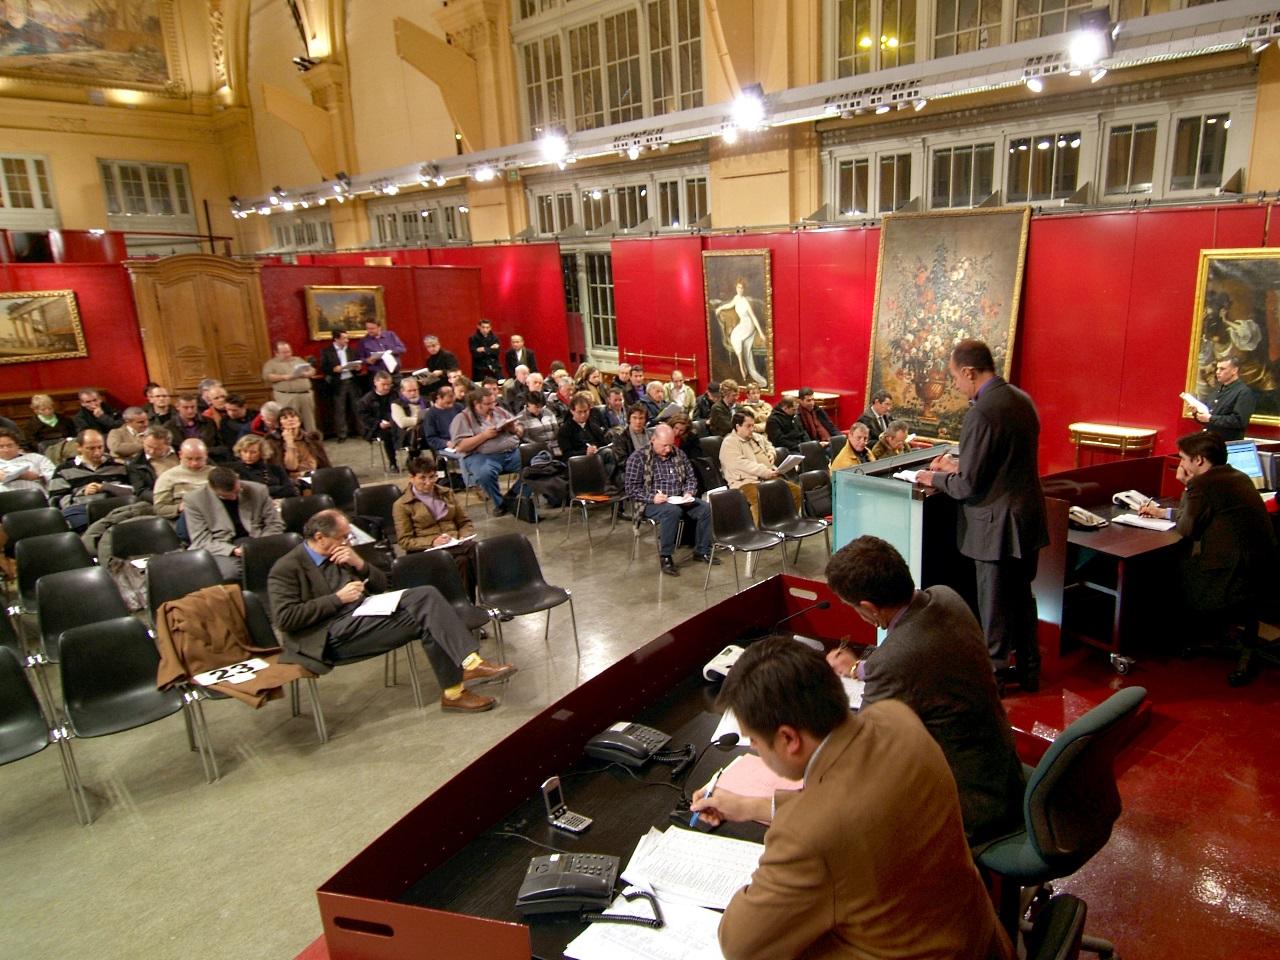 150e anniversaire du 6e arrondissement une vente aux ench res organis e ce mardi. Black Bedroom Furniture Sets. Home Design Ideas